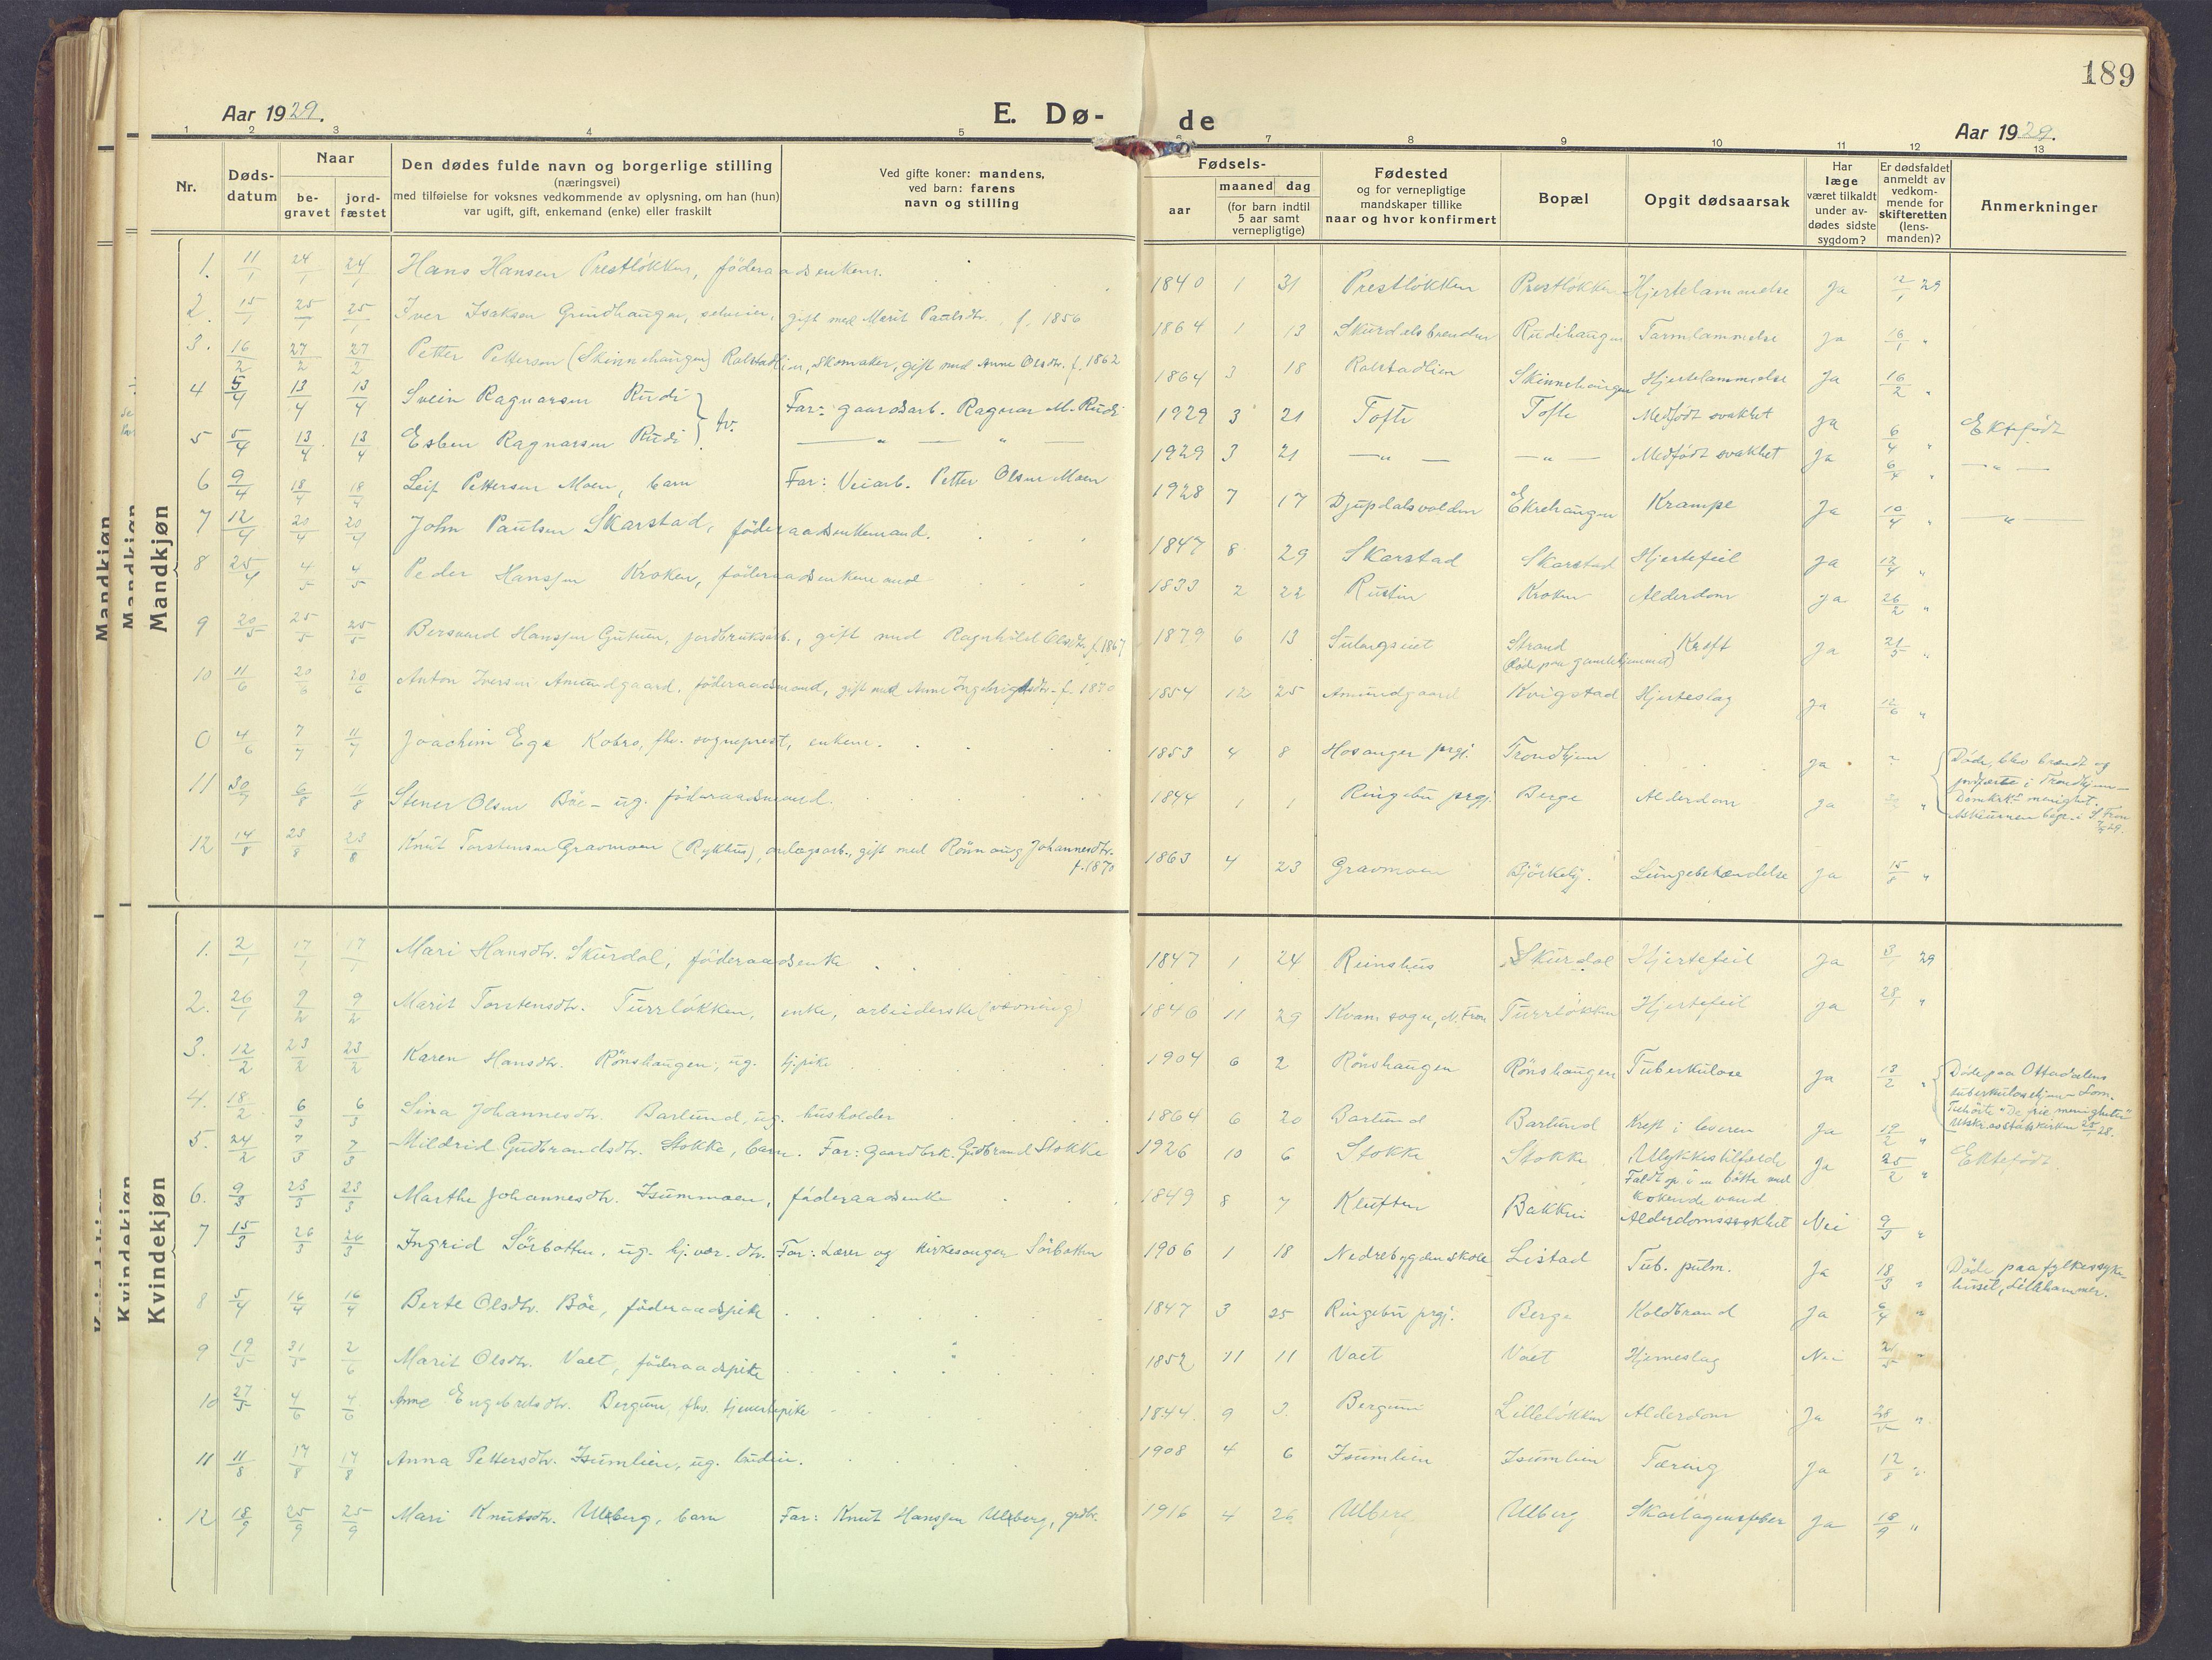 SAH, Sør-Fron prestekontor, H/Ha/Haa/L0005: Ministerialbok nr. 5, 1920-1933, s. 189